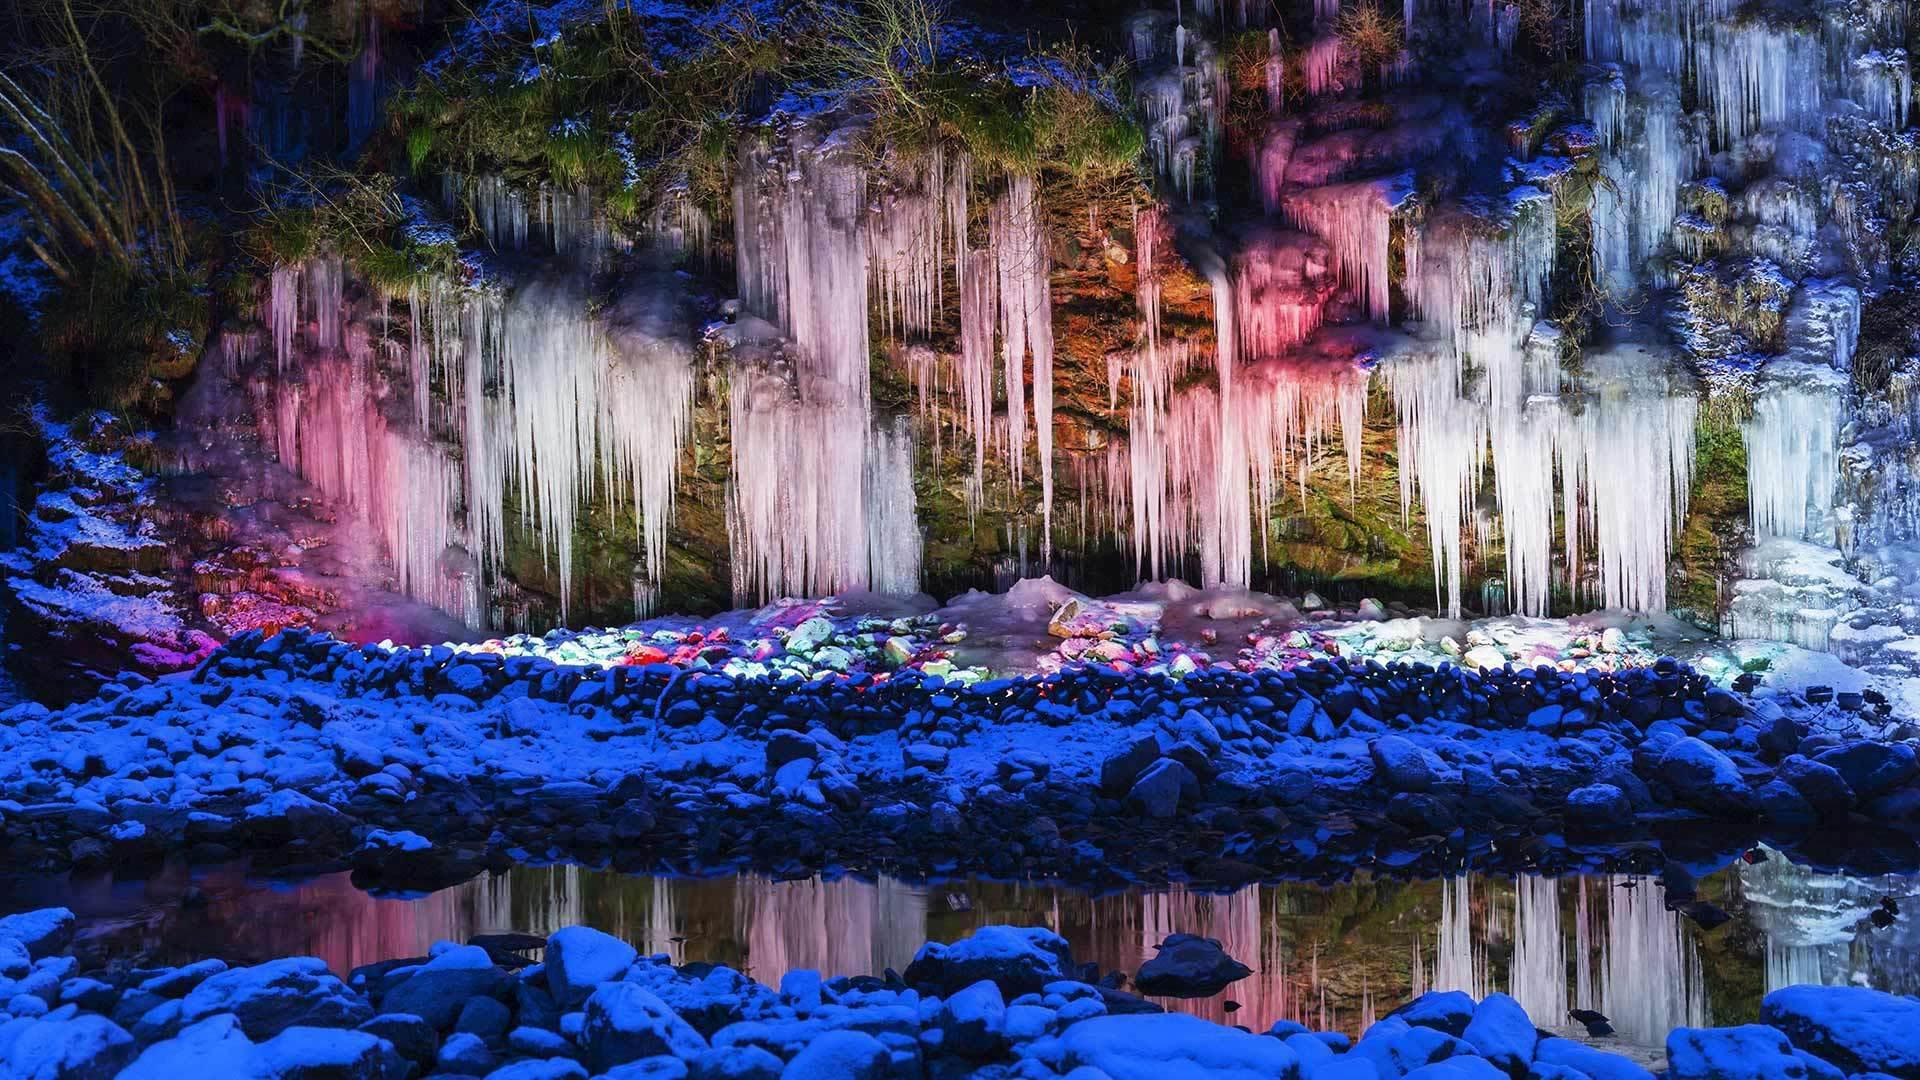 多彩的冰雪仙境